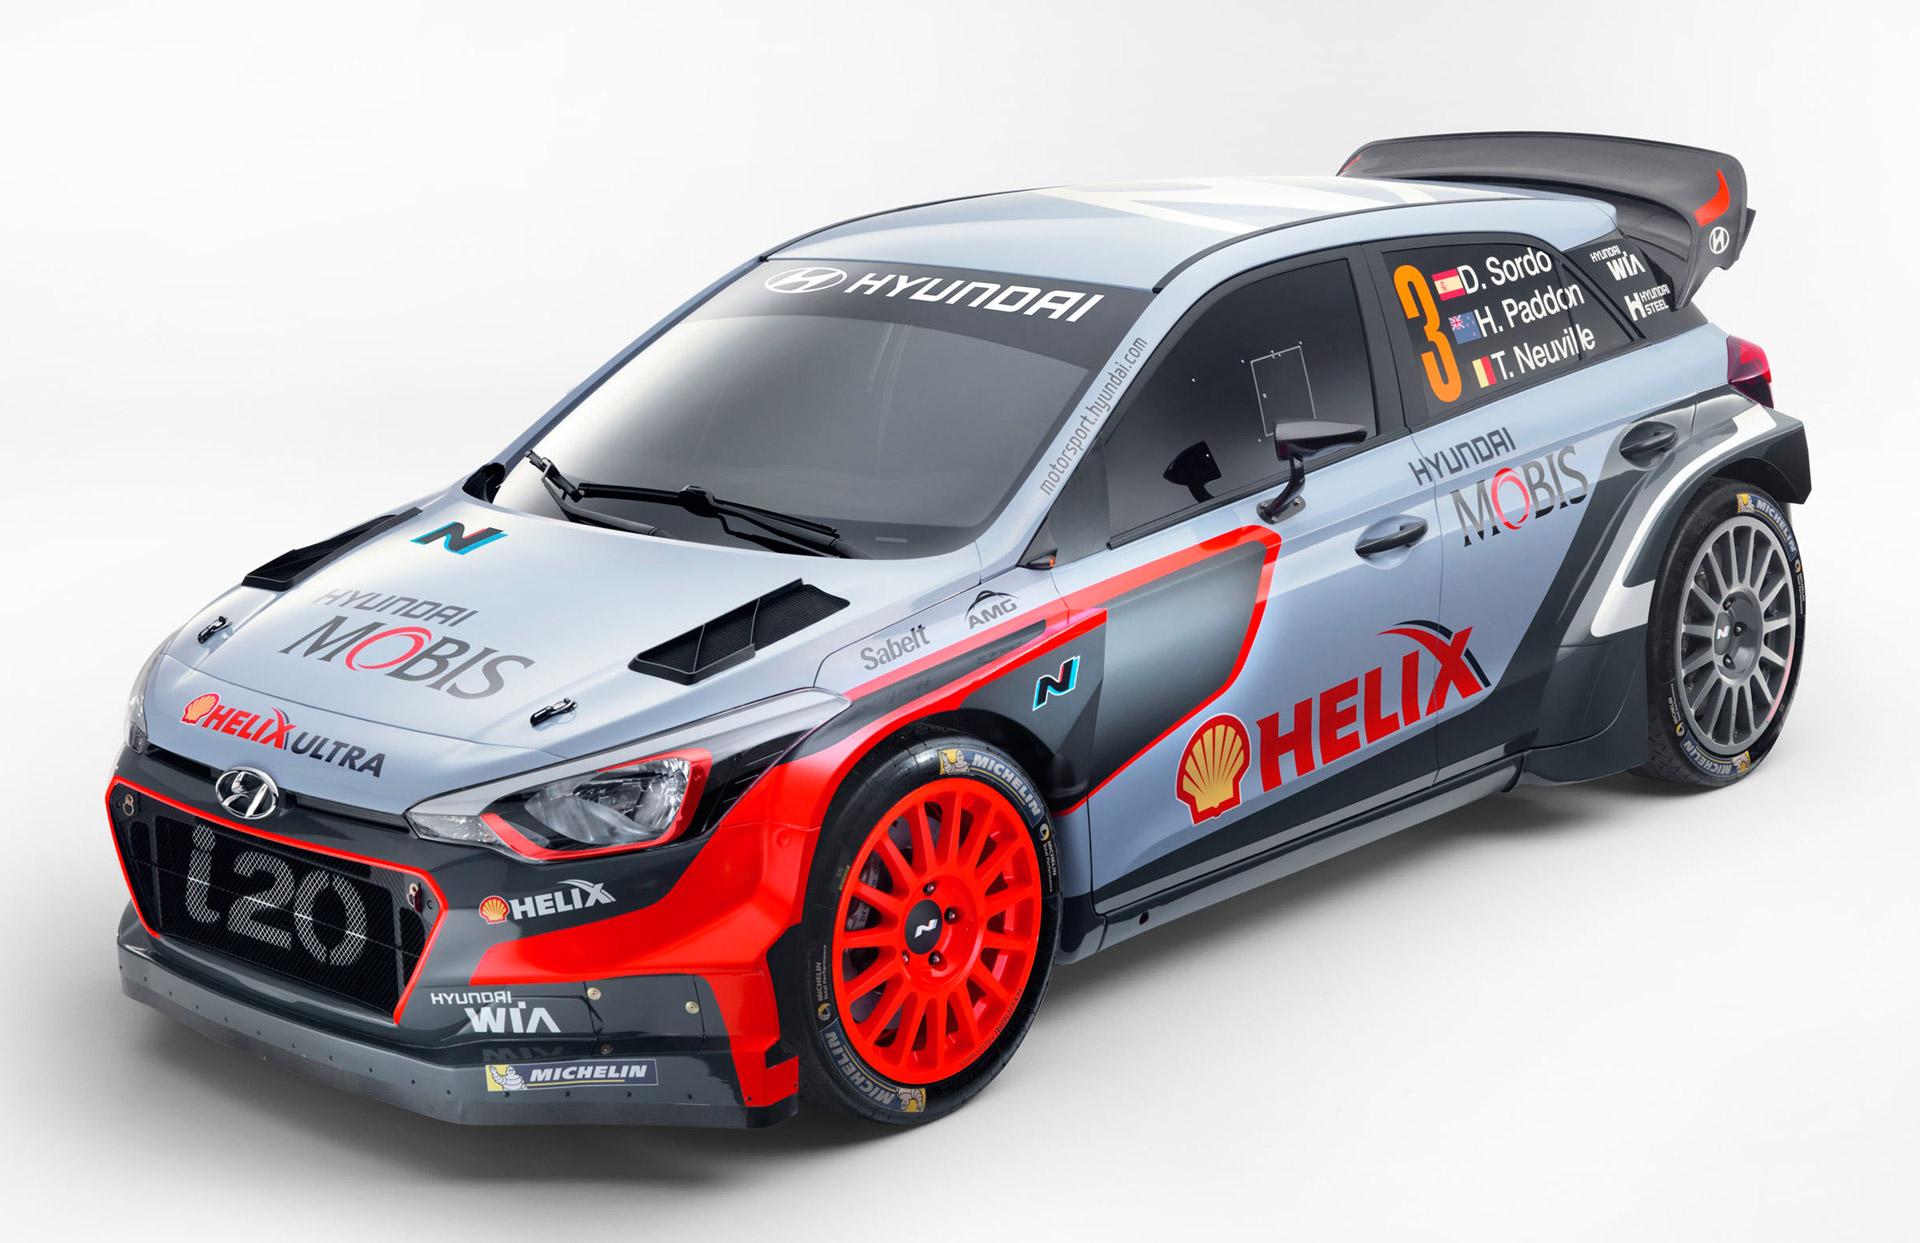 2016 Hyundai i20 WRC Revealed